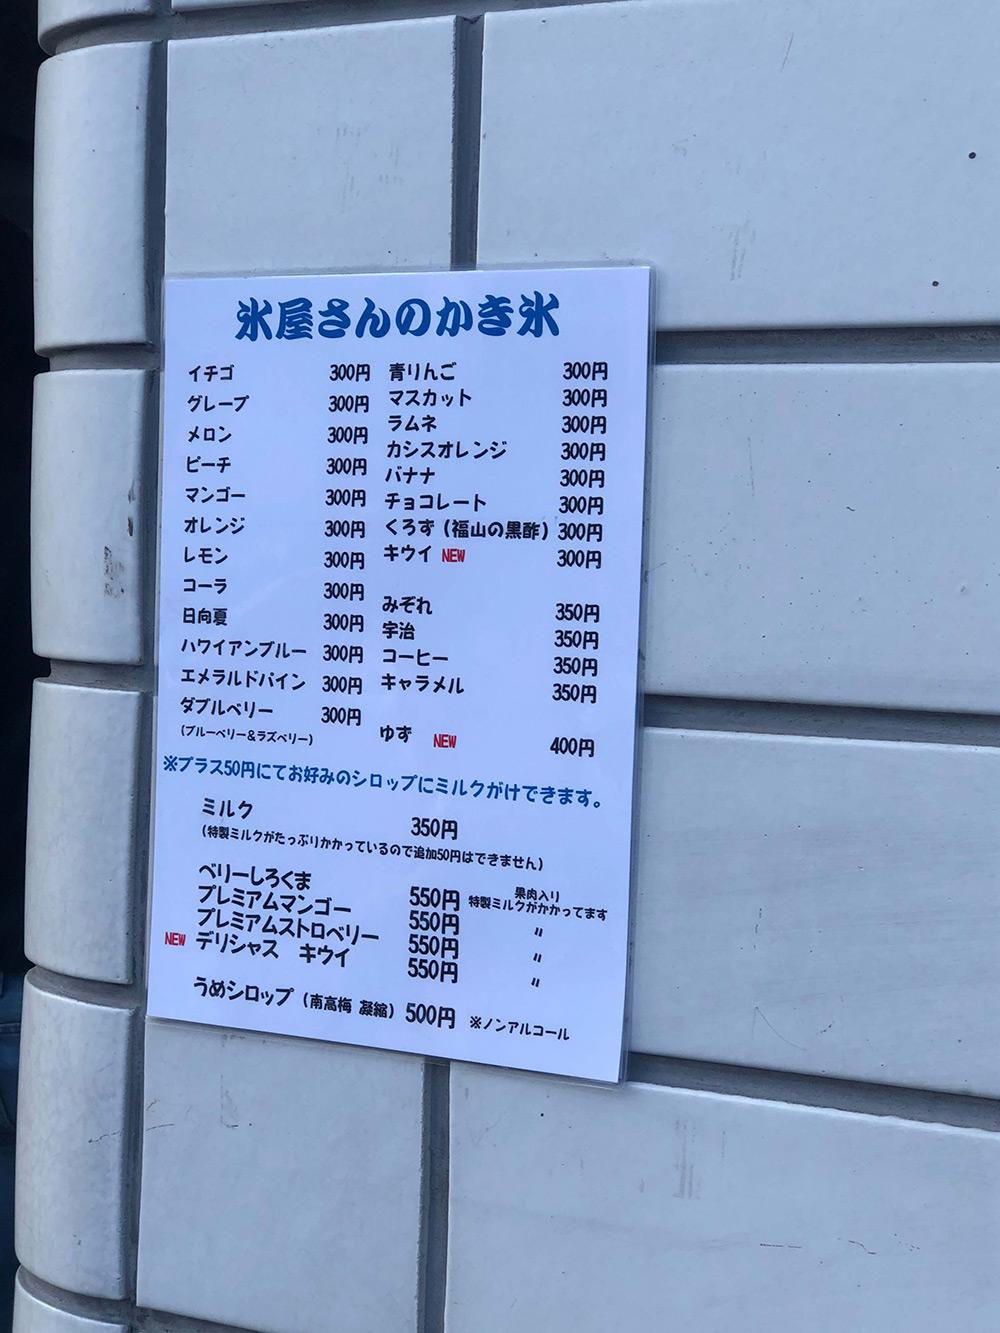 鹿児島・柳川氷室のメニュー